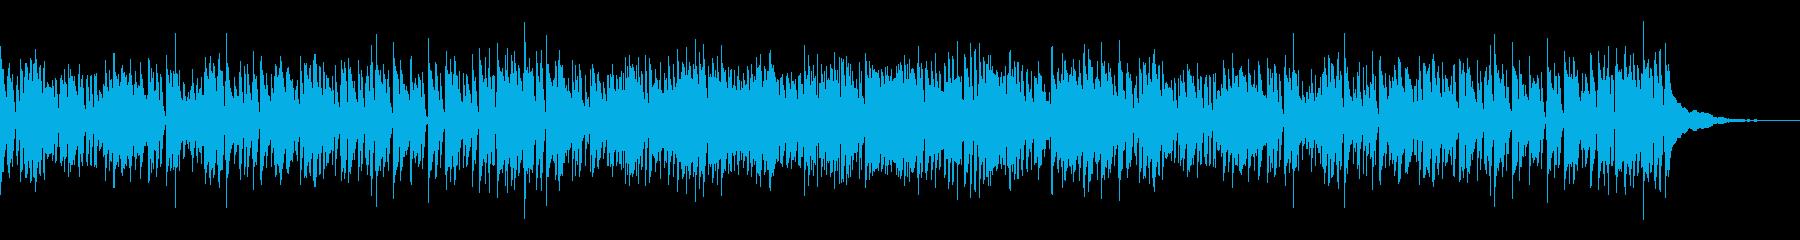 明るく楽しげなジャズの再生済みの波形